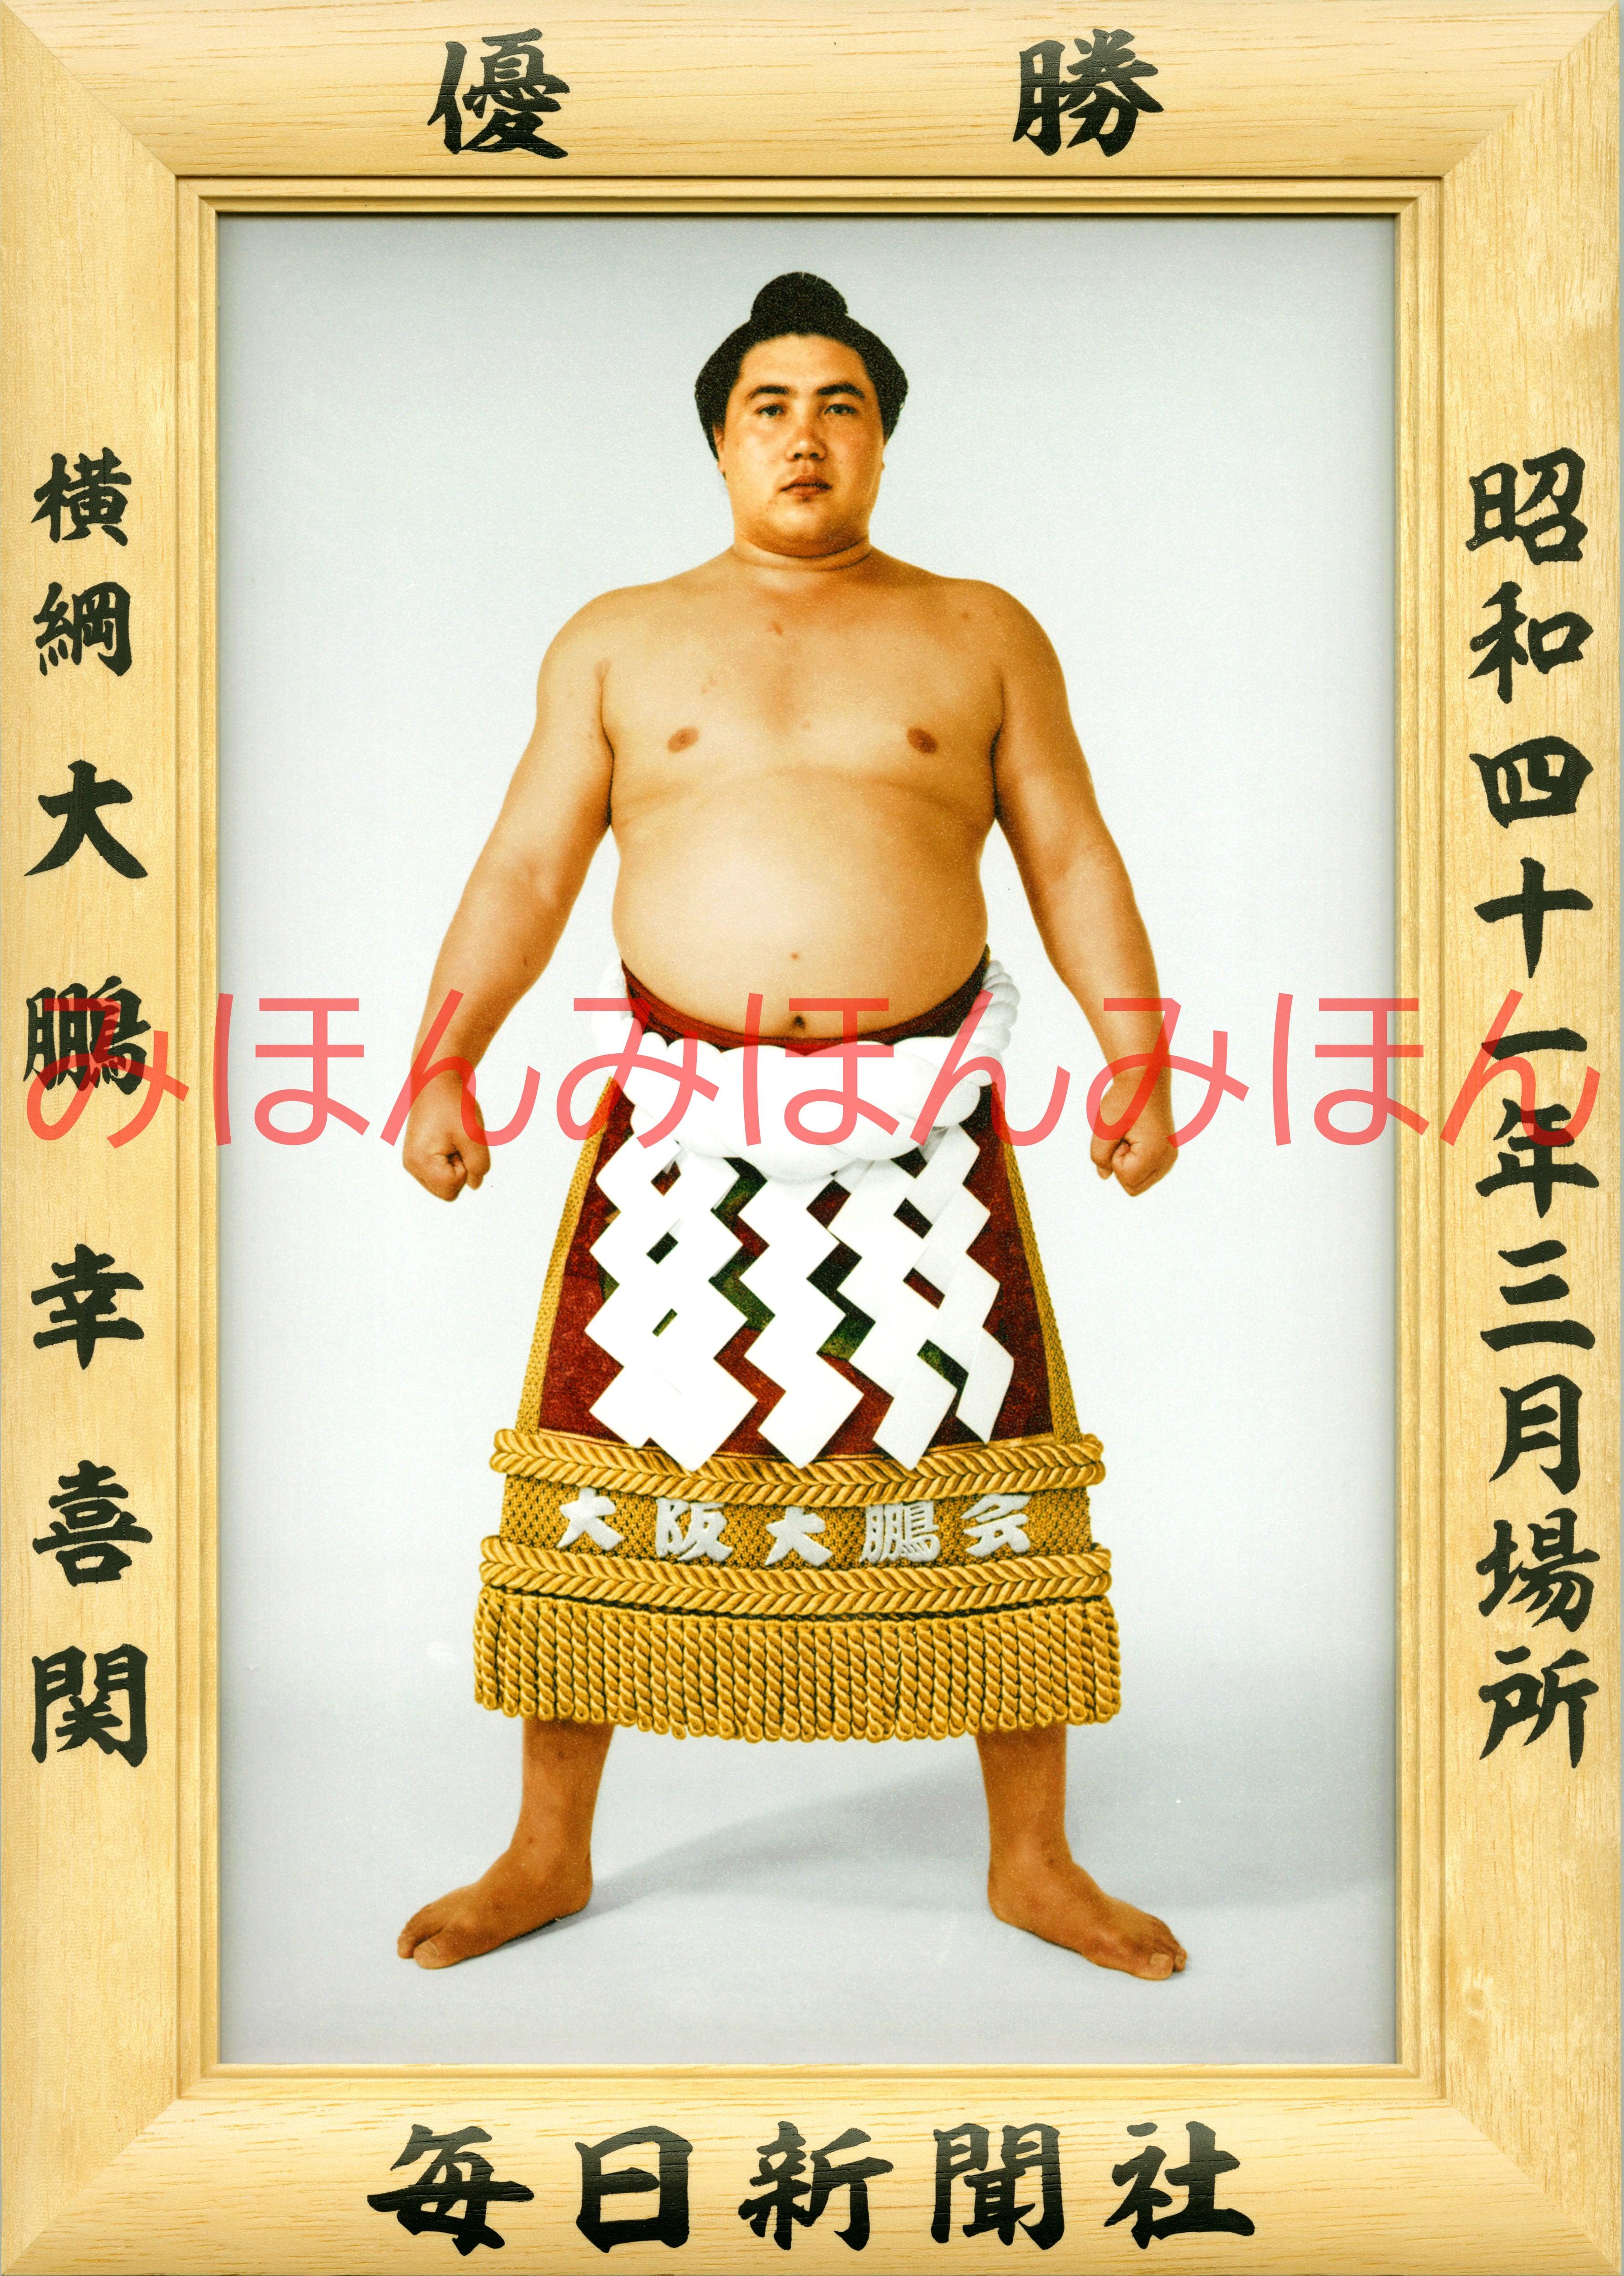 昭和41年3月場所優勝 横綱 大鵬幸喜関(19回目の優勝)